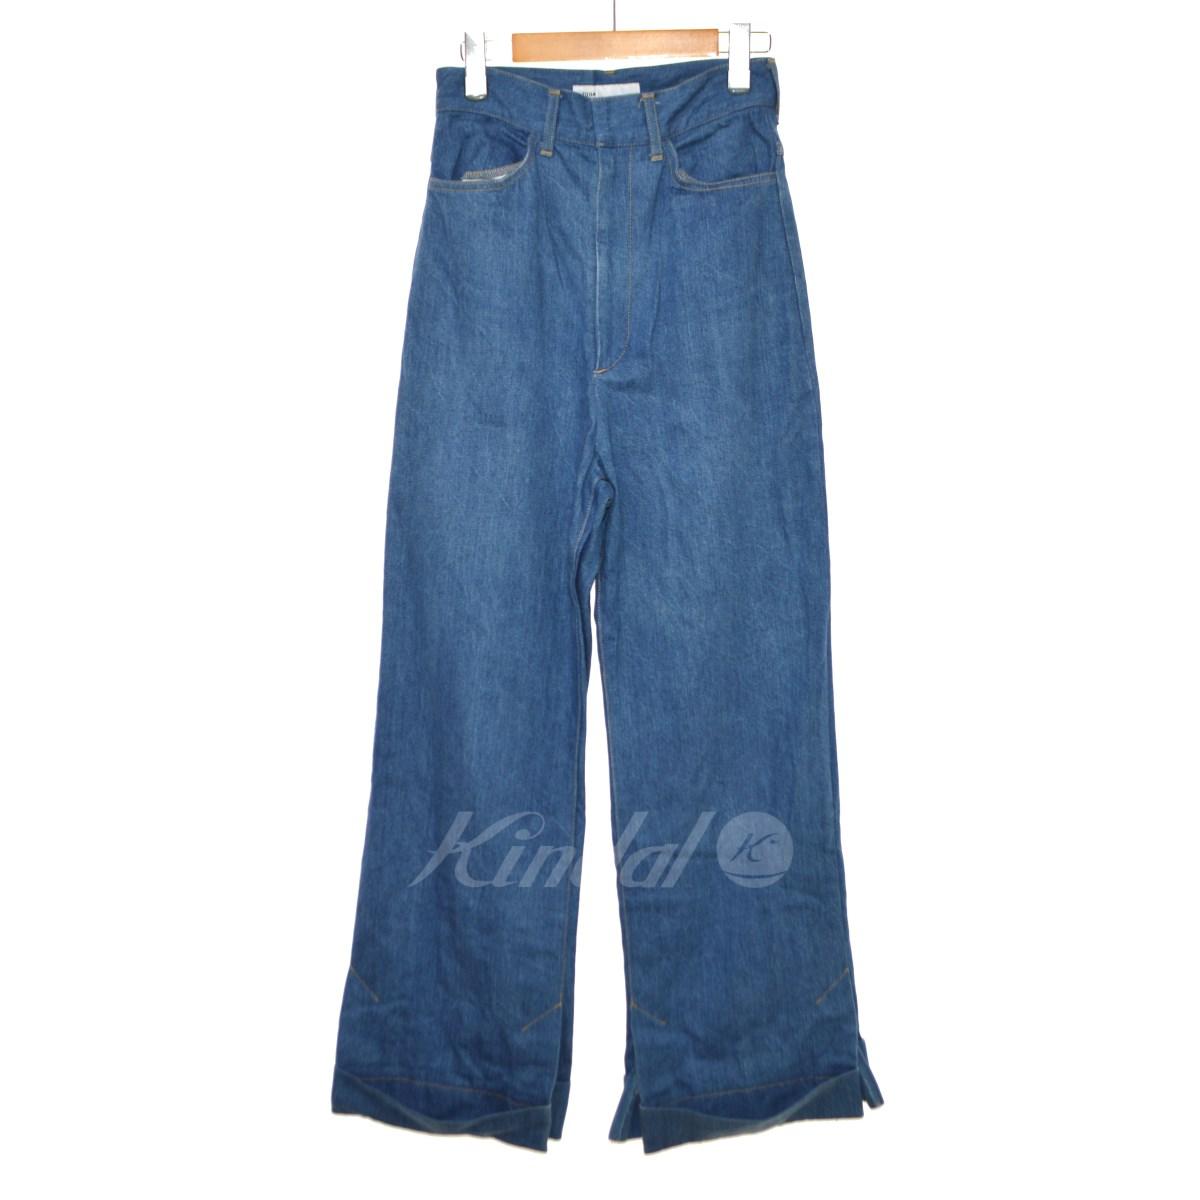 【中古】TOGA 18SS Denim Pants ワイドデニムパンツ 【送料無料】 【113892】 【KIND1550】